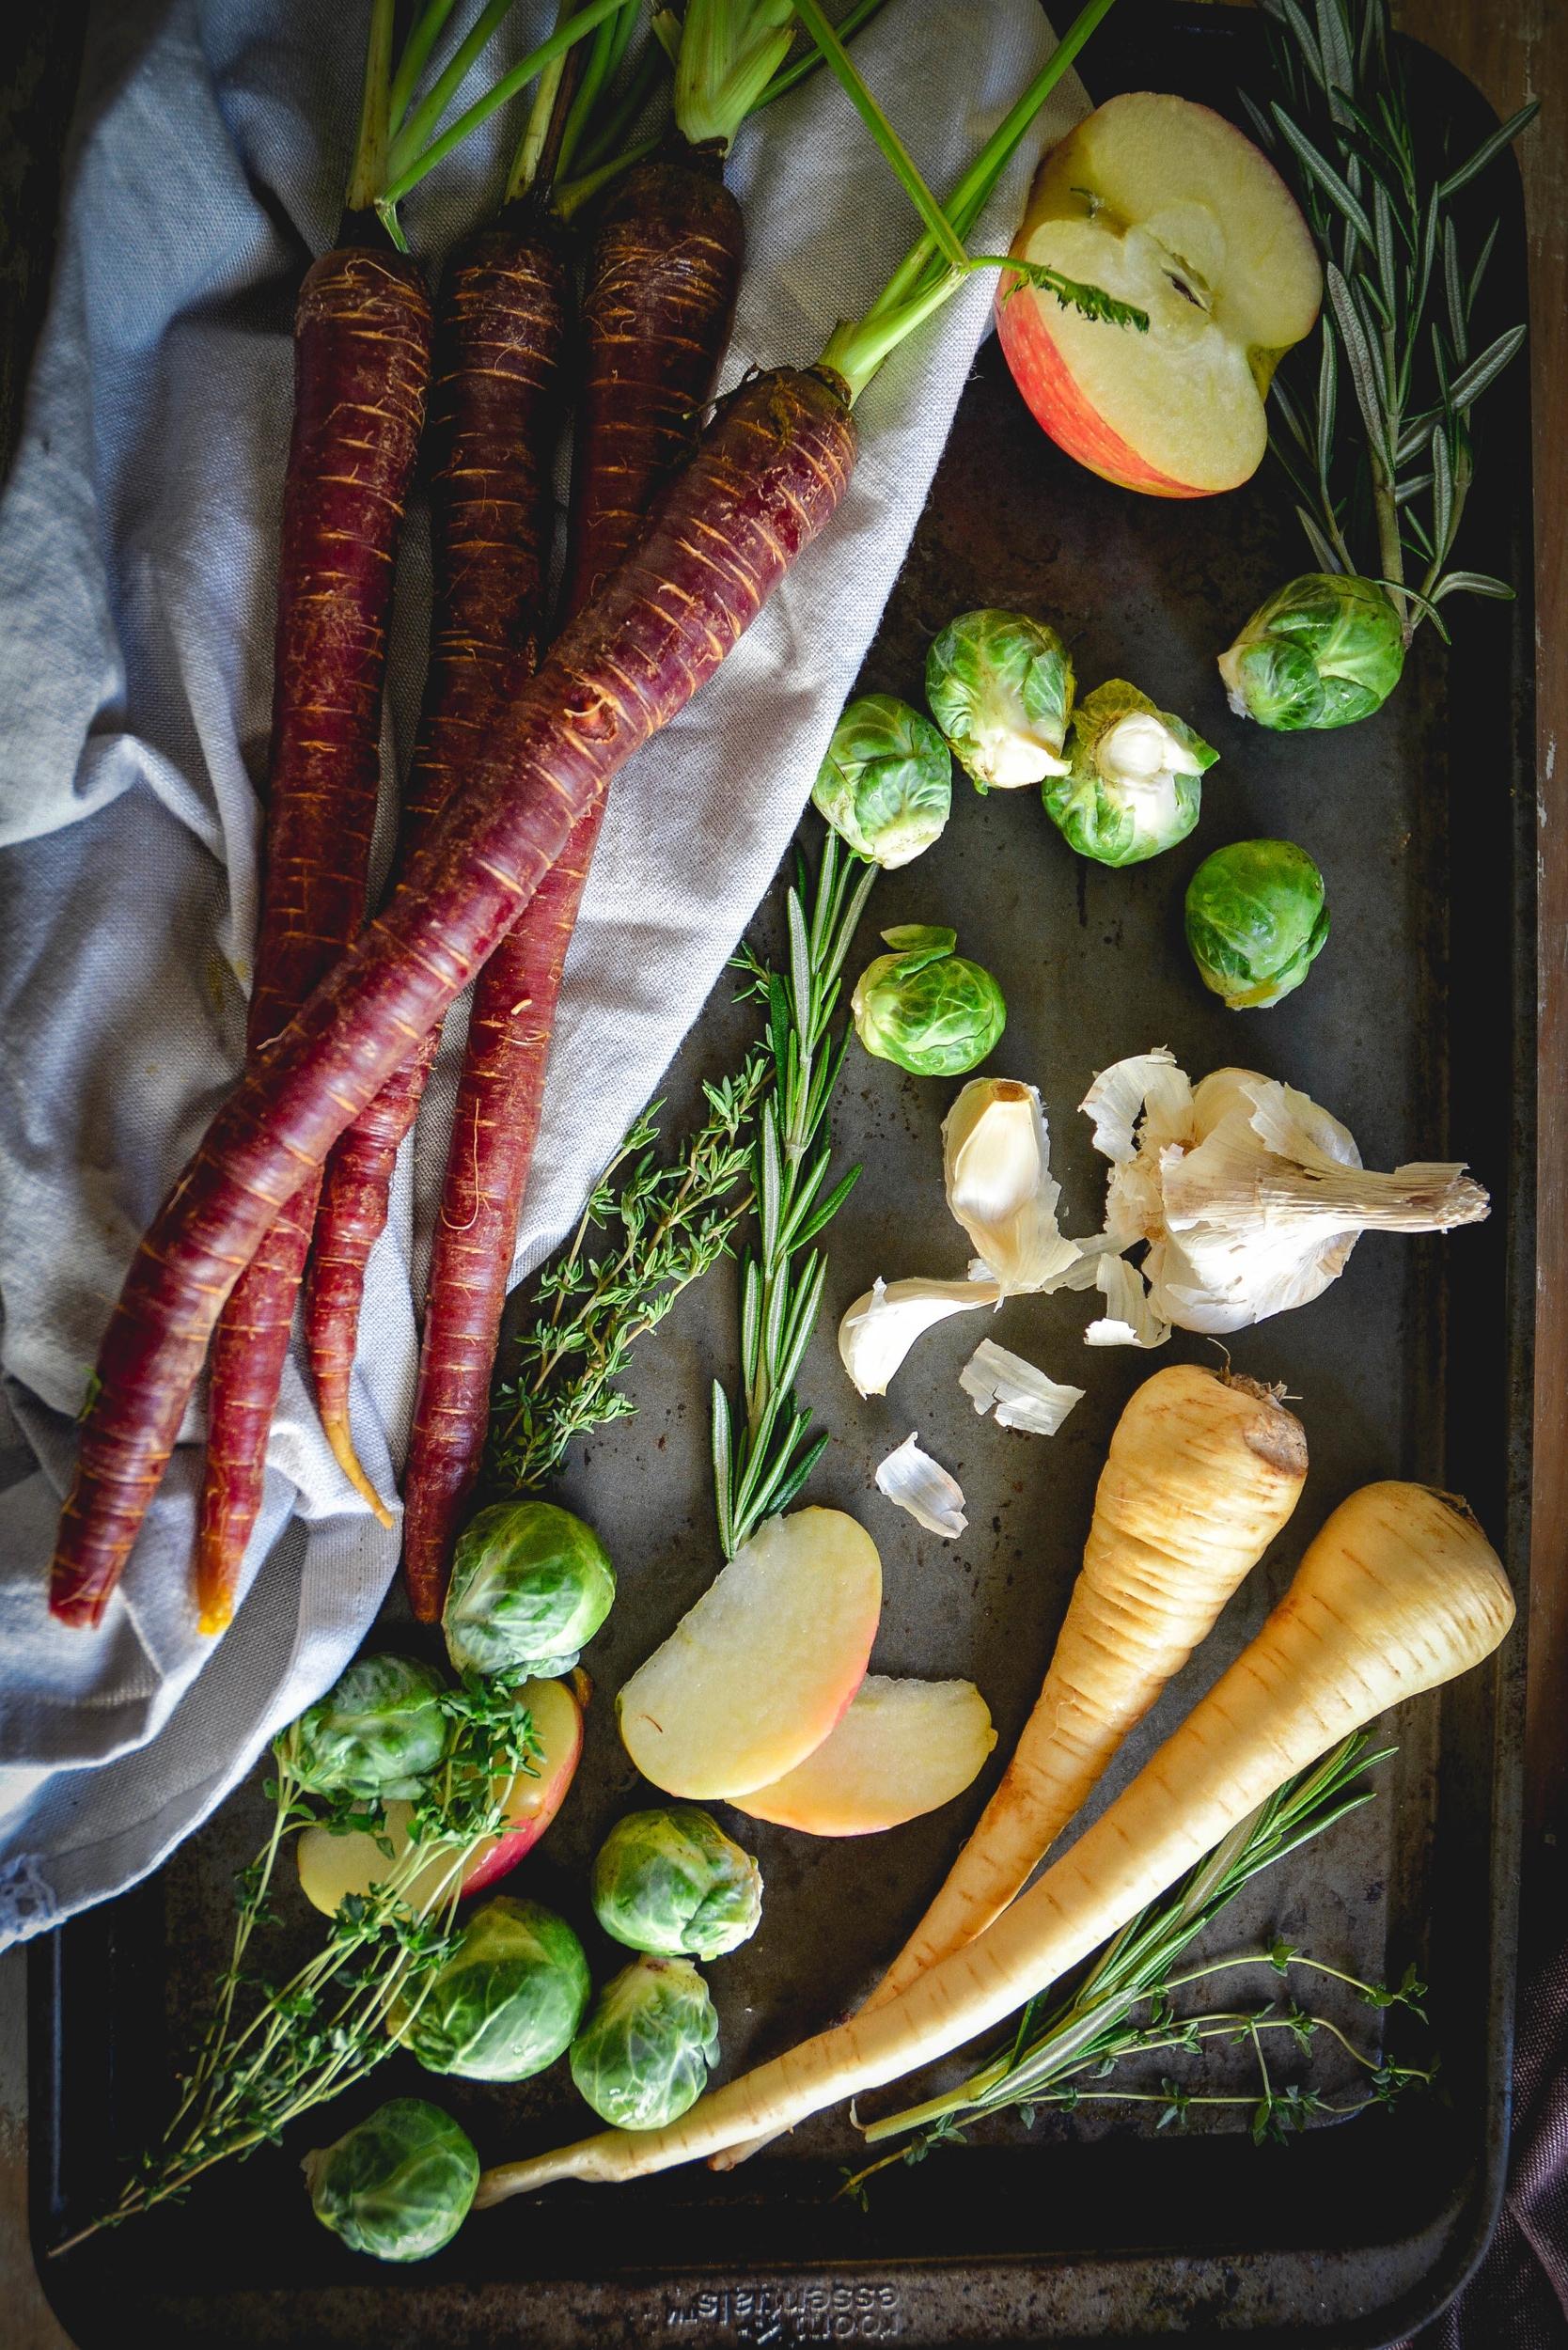 veggies for roasting (1 of 2).jpg